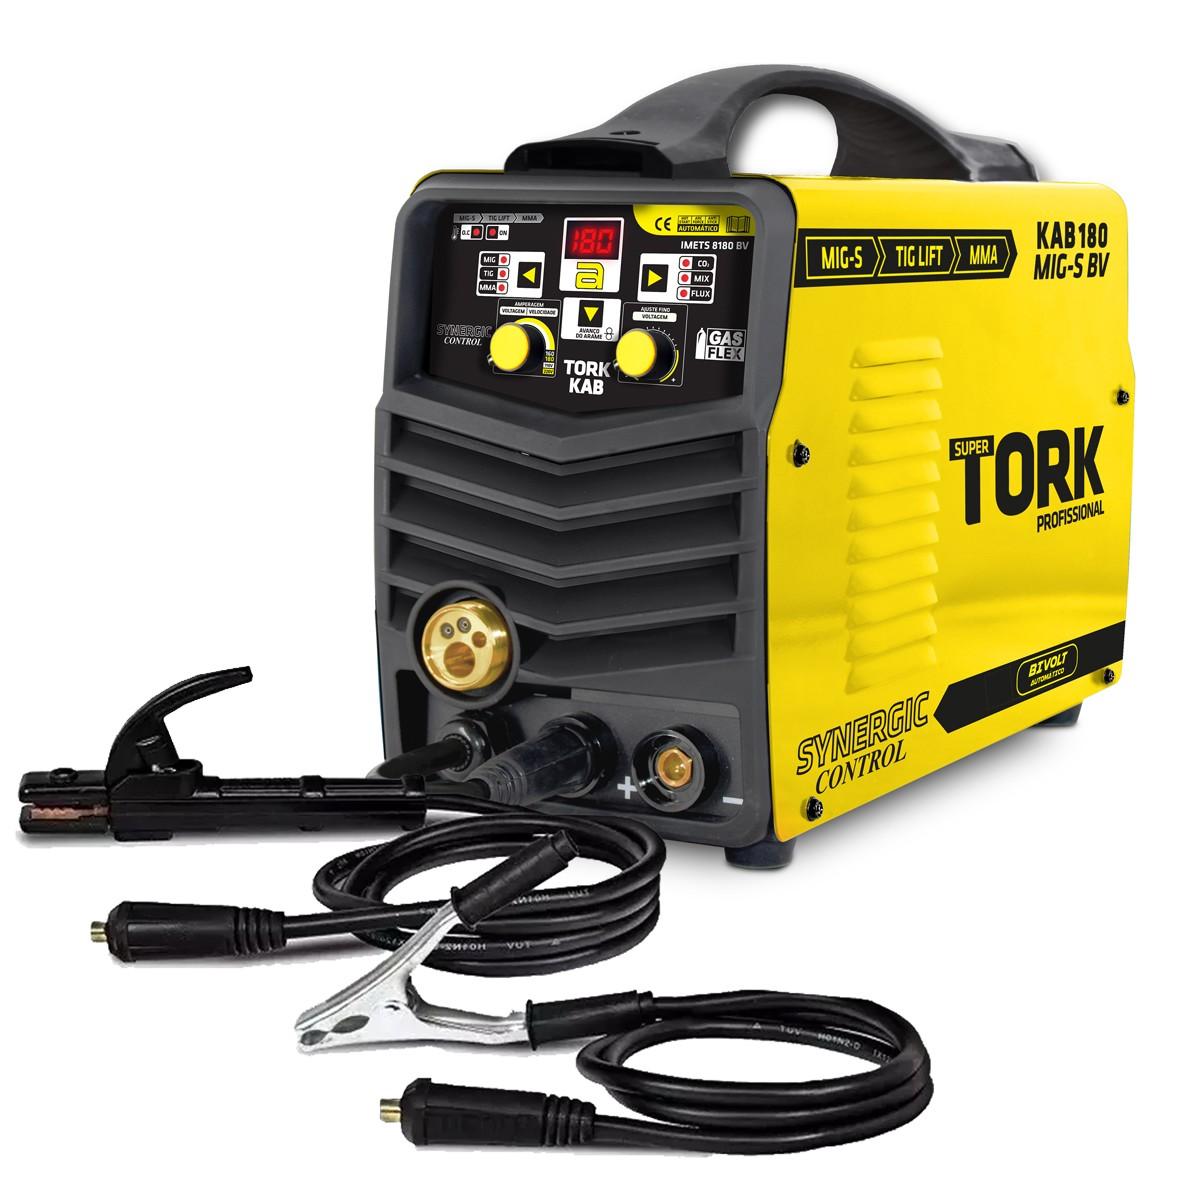 Maquina de Solda Inversora 180A 110220V - Tork